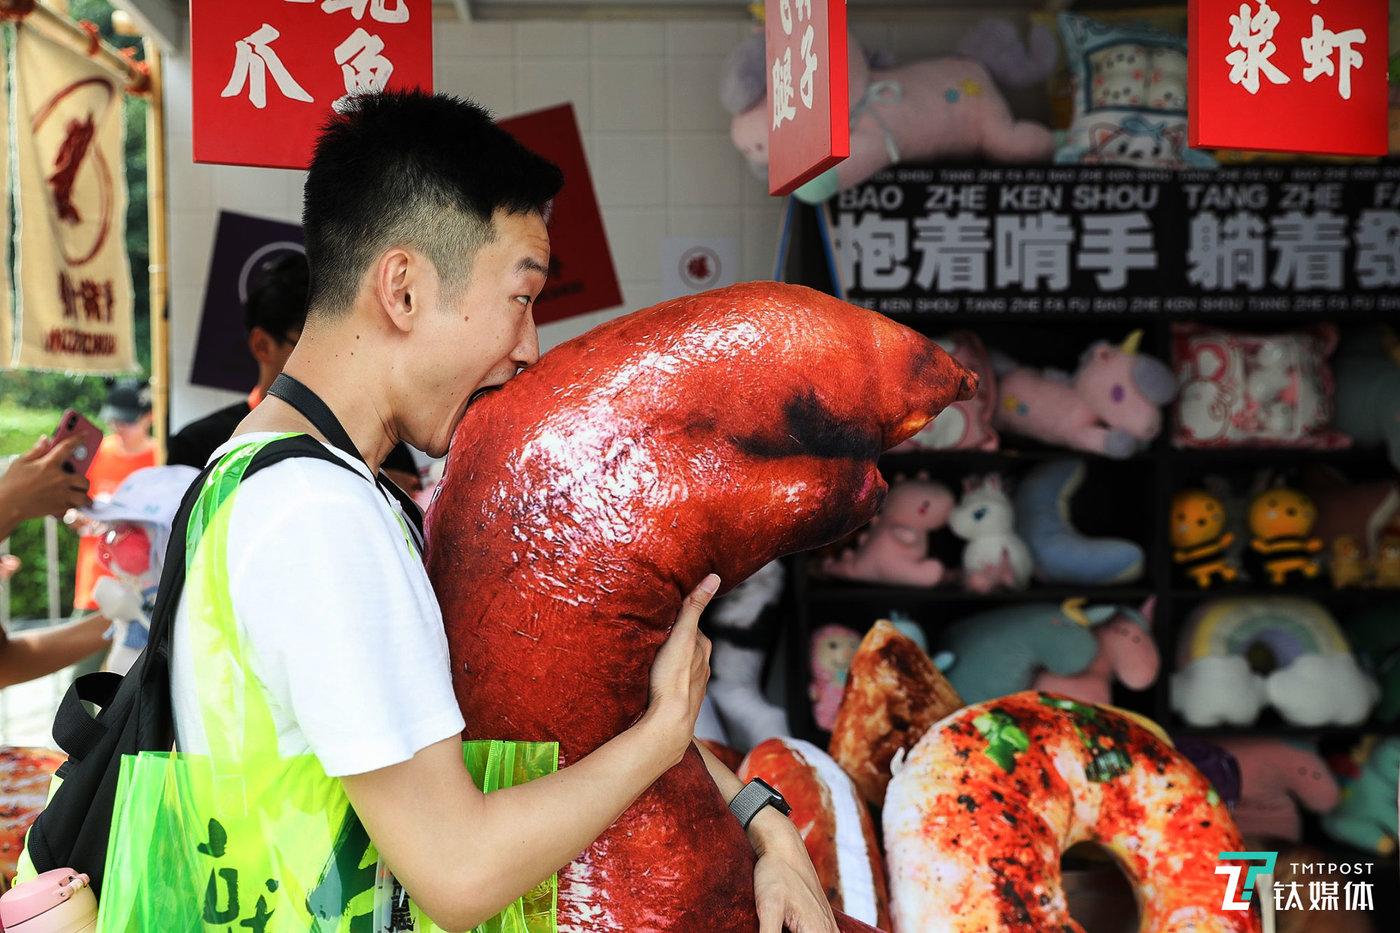 大猪蹄、烤玉米、烤鸡翅,仿真食物抱枕,专为吃货准备。